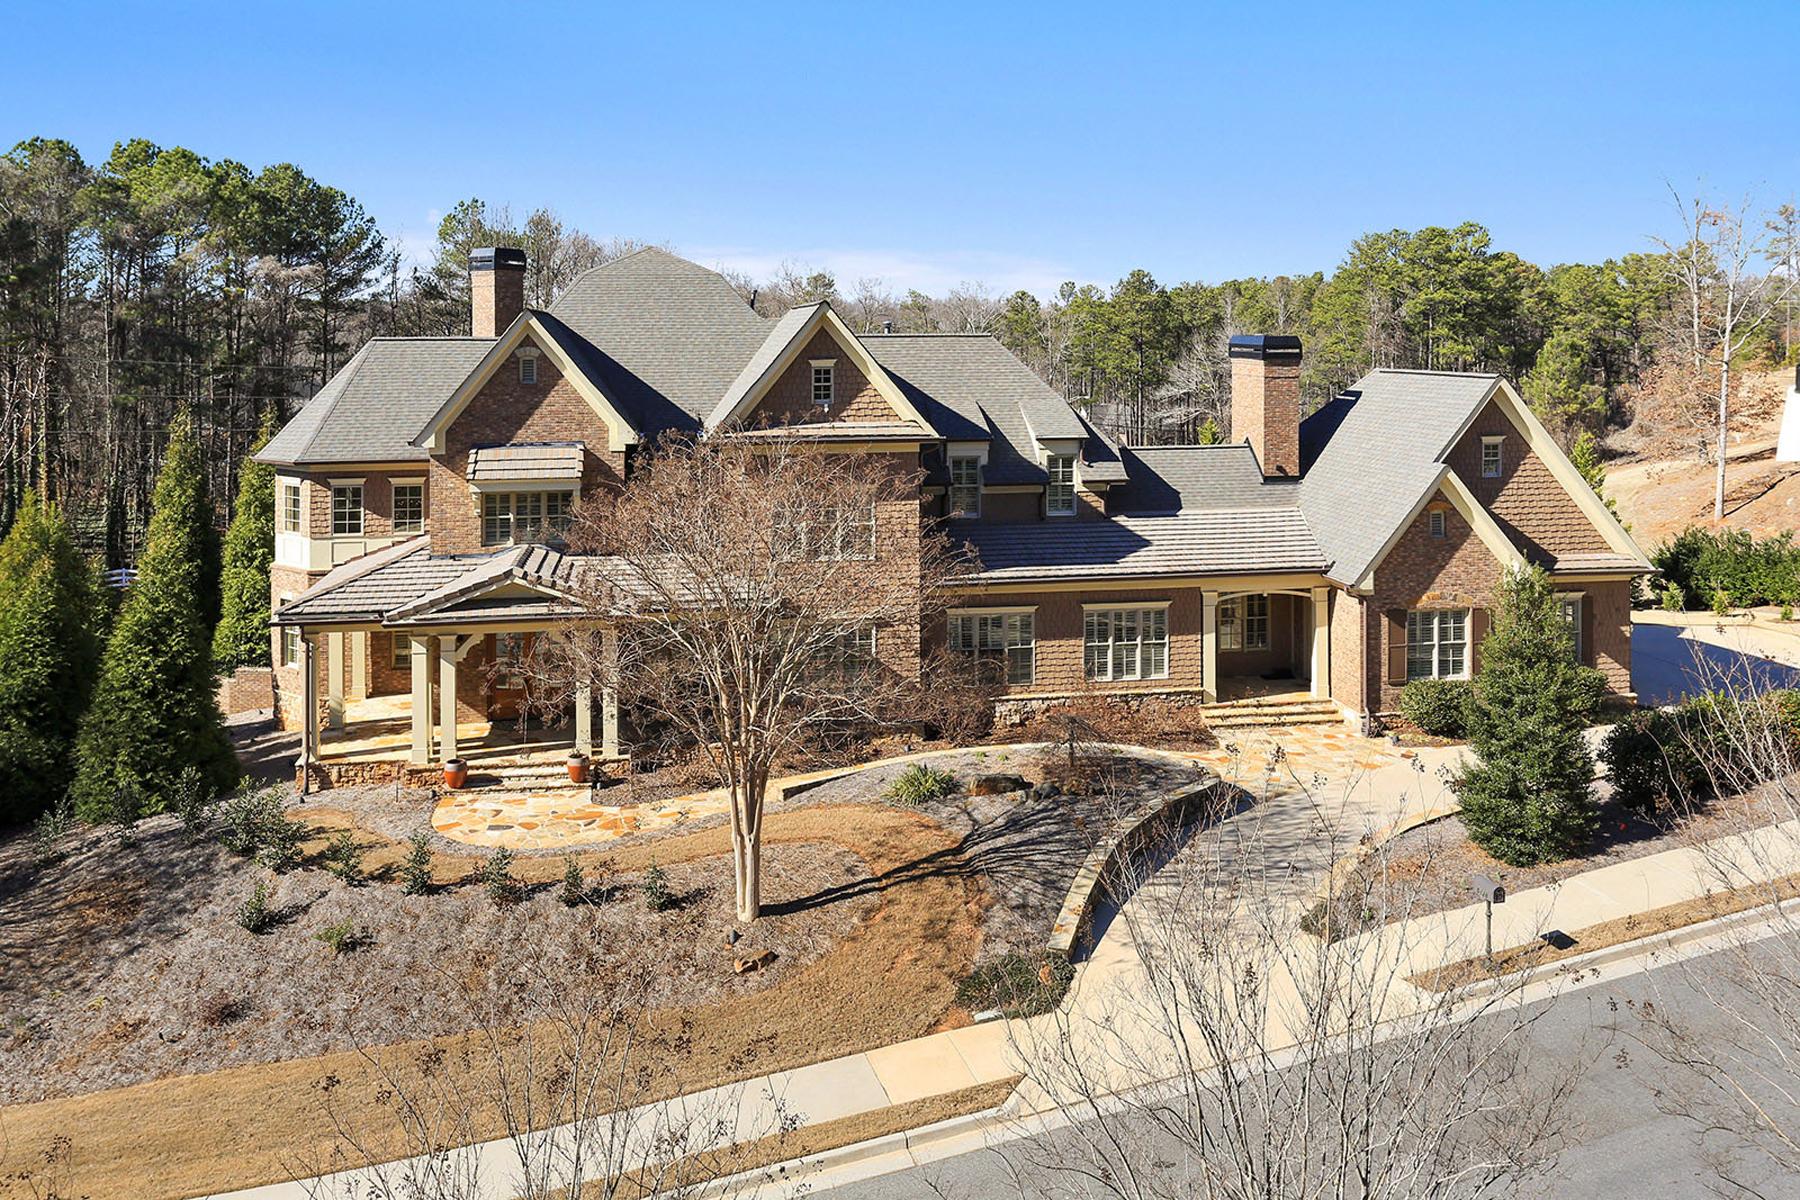 Частный односемейный дом для того Продажа на Stunning Home On Resort-Like Setting 5128 Pindos Pass Powder Springs, Джорджия, 30127 Соединенные Штаты